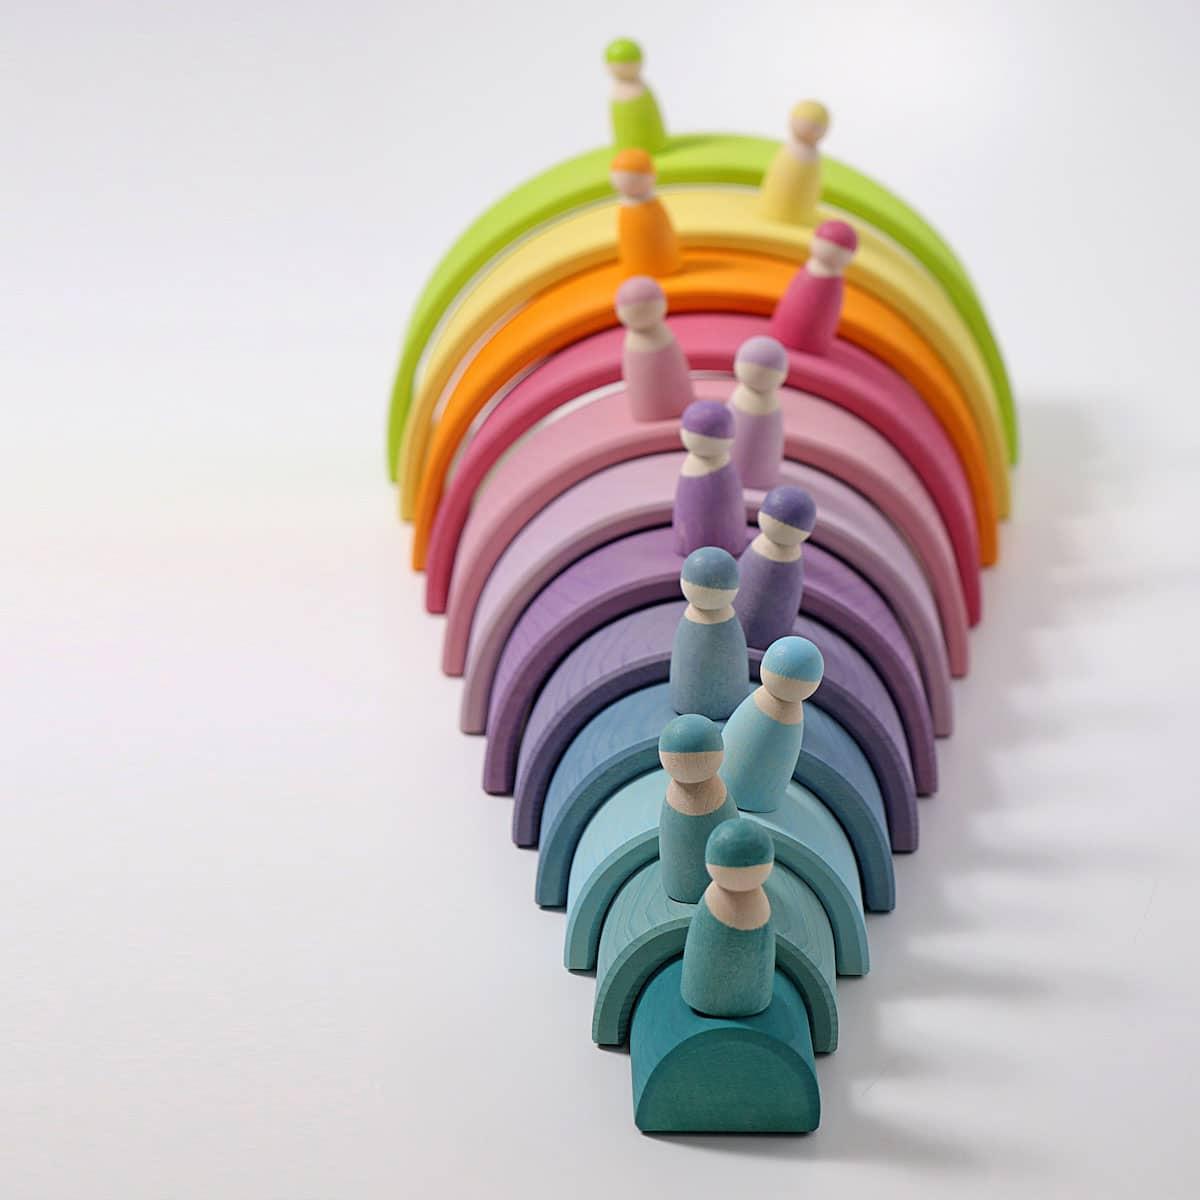 TOP 10 juguetes de Navidad y Reyes que desarrollan la imaginación infantil